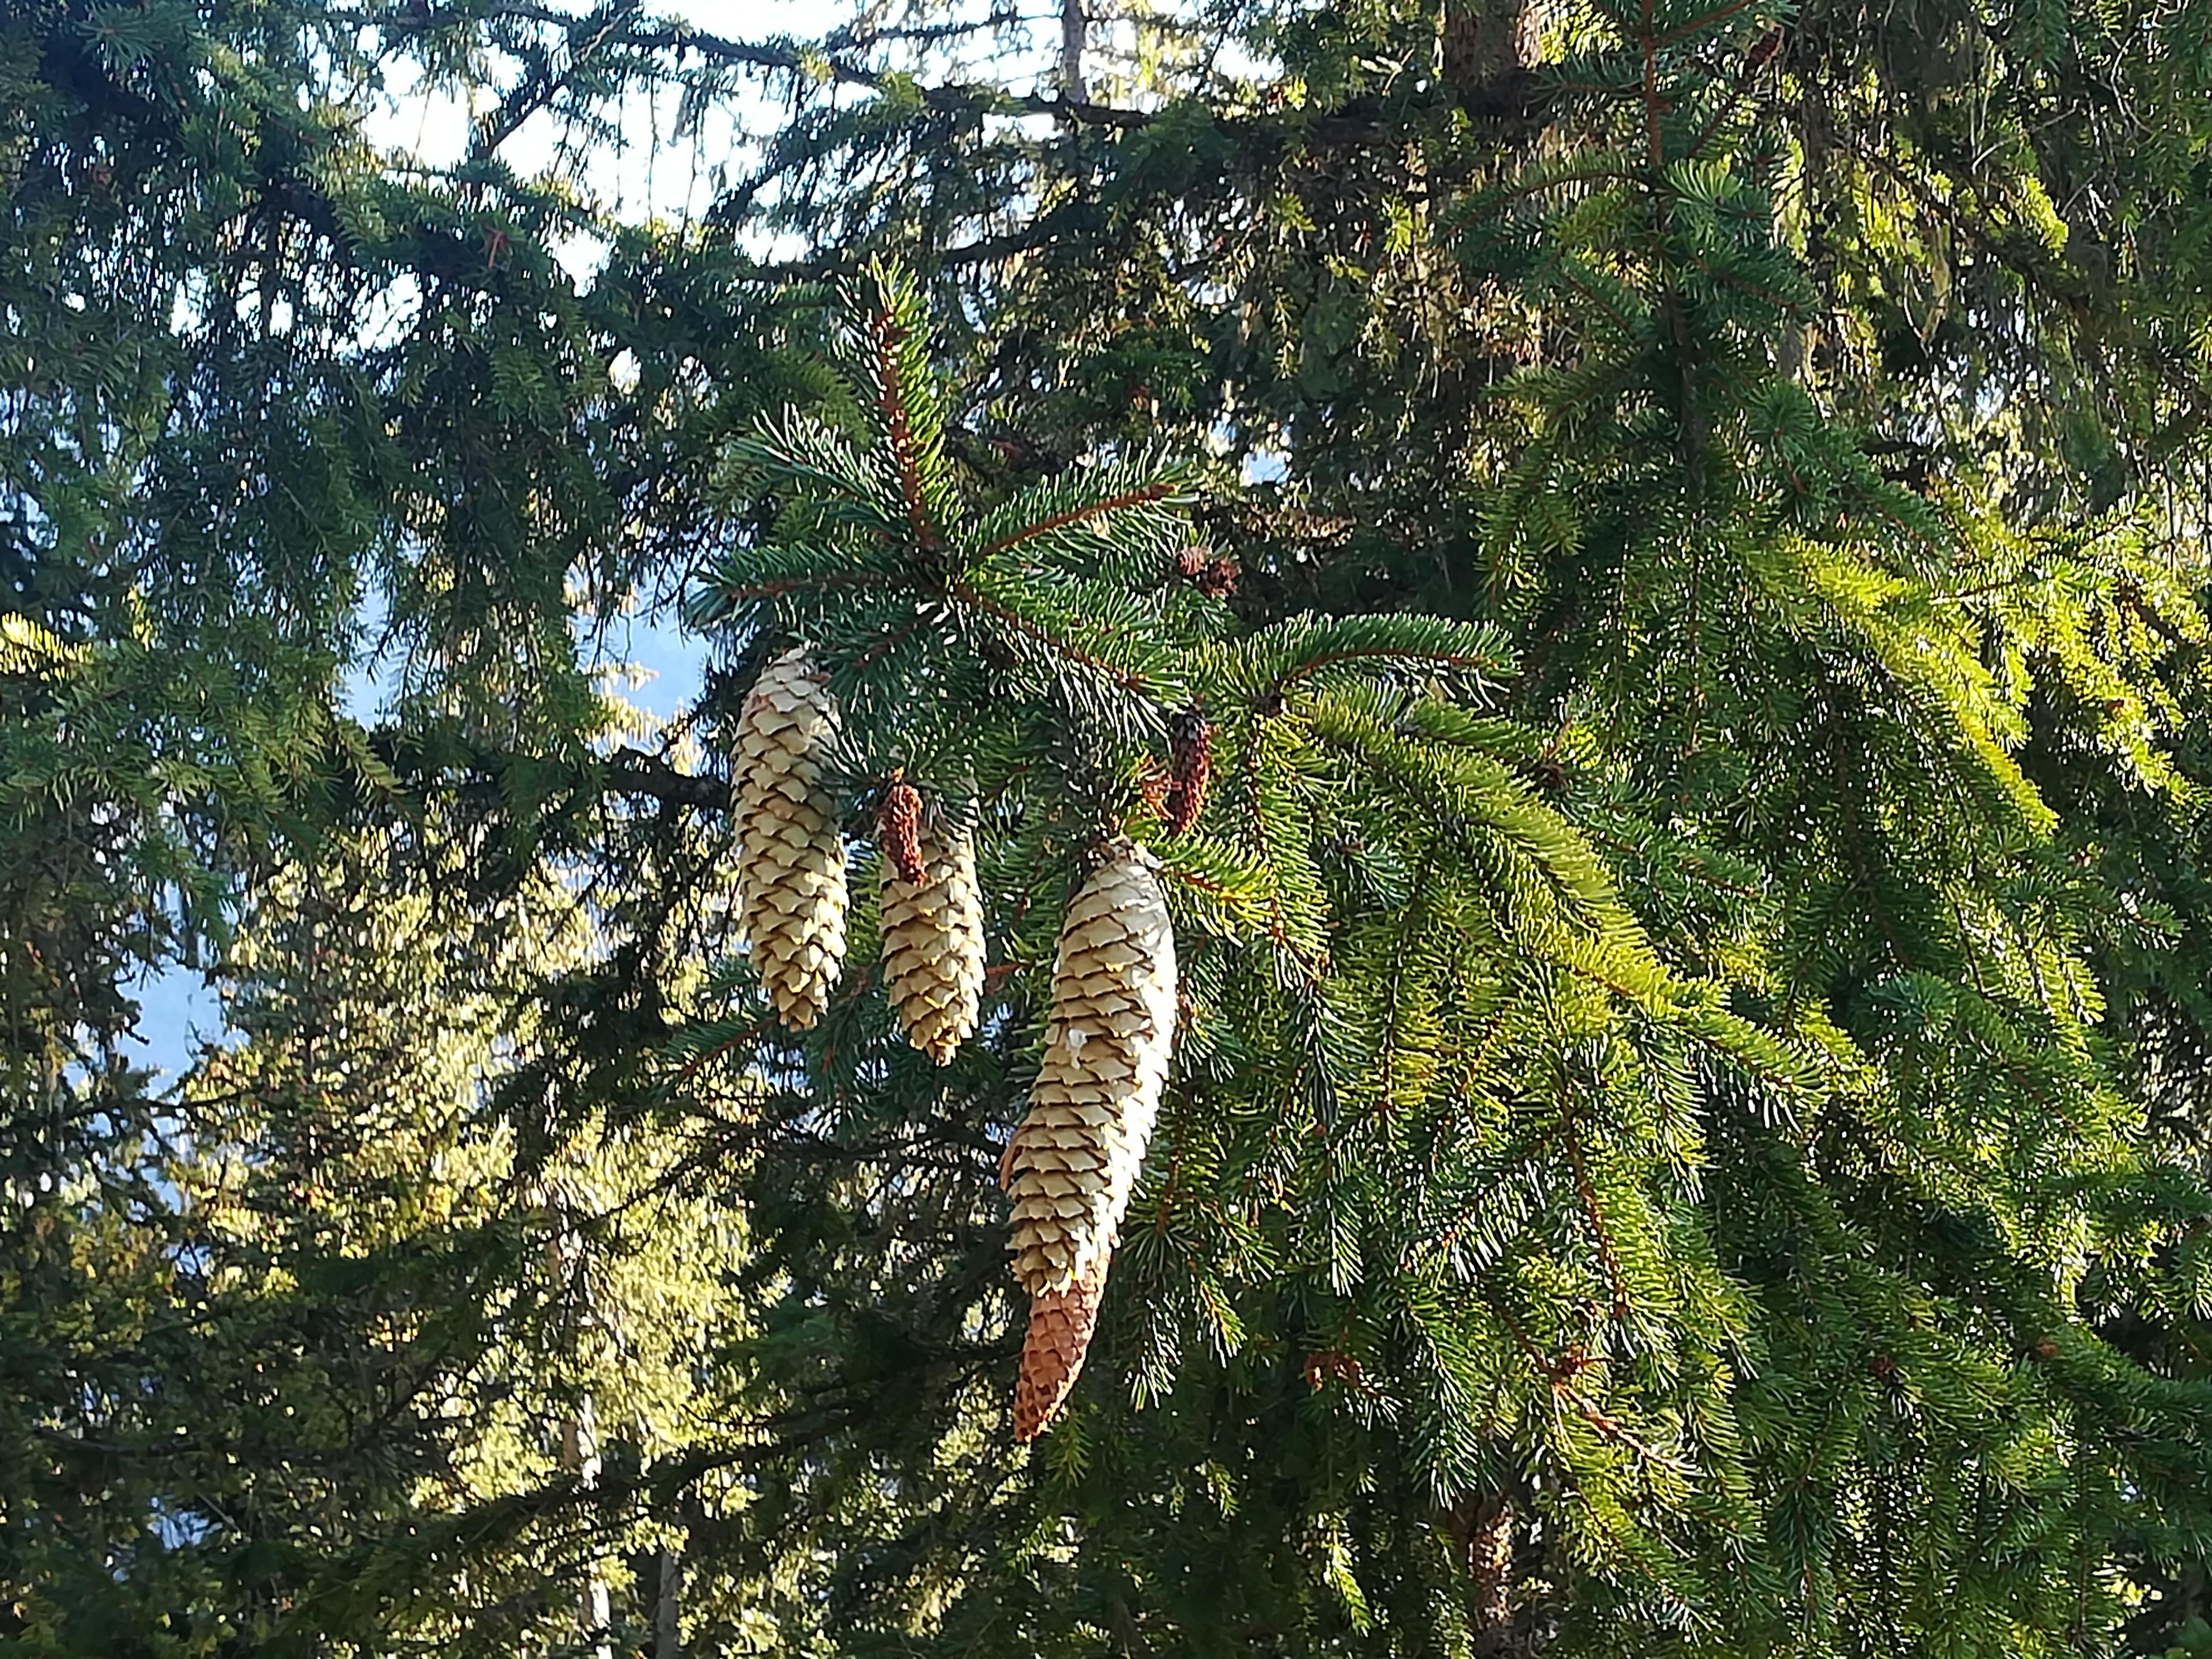 Rameaux d'épicéa (Picea abies)